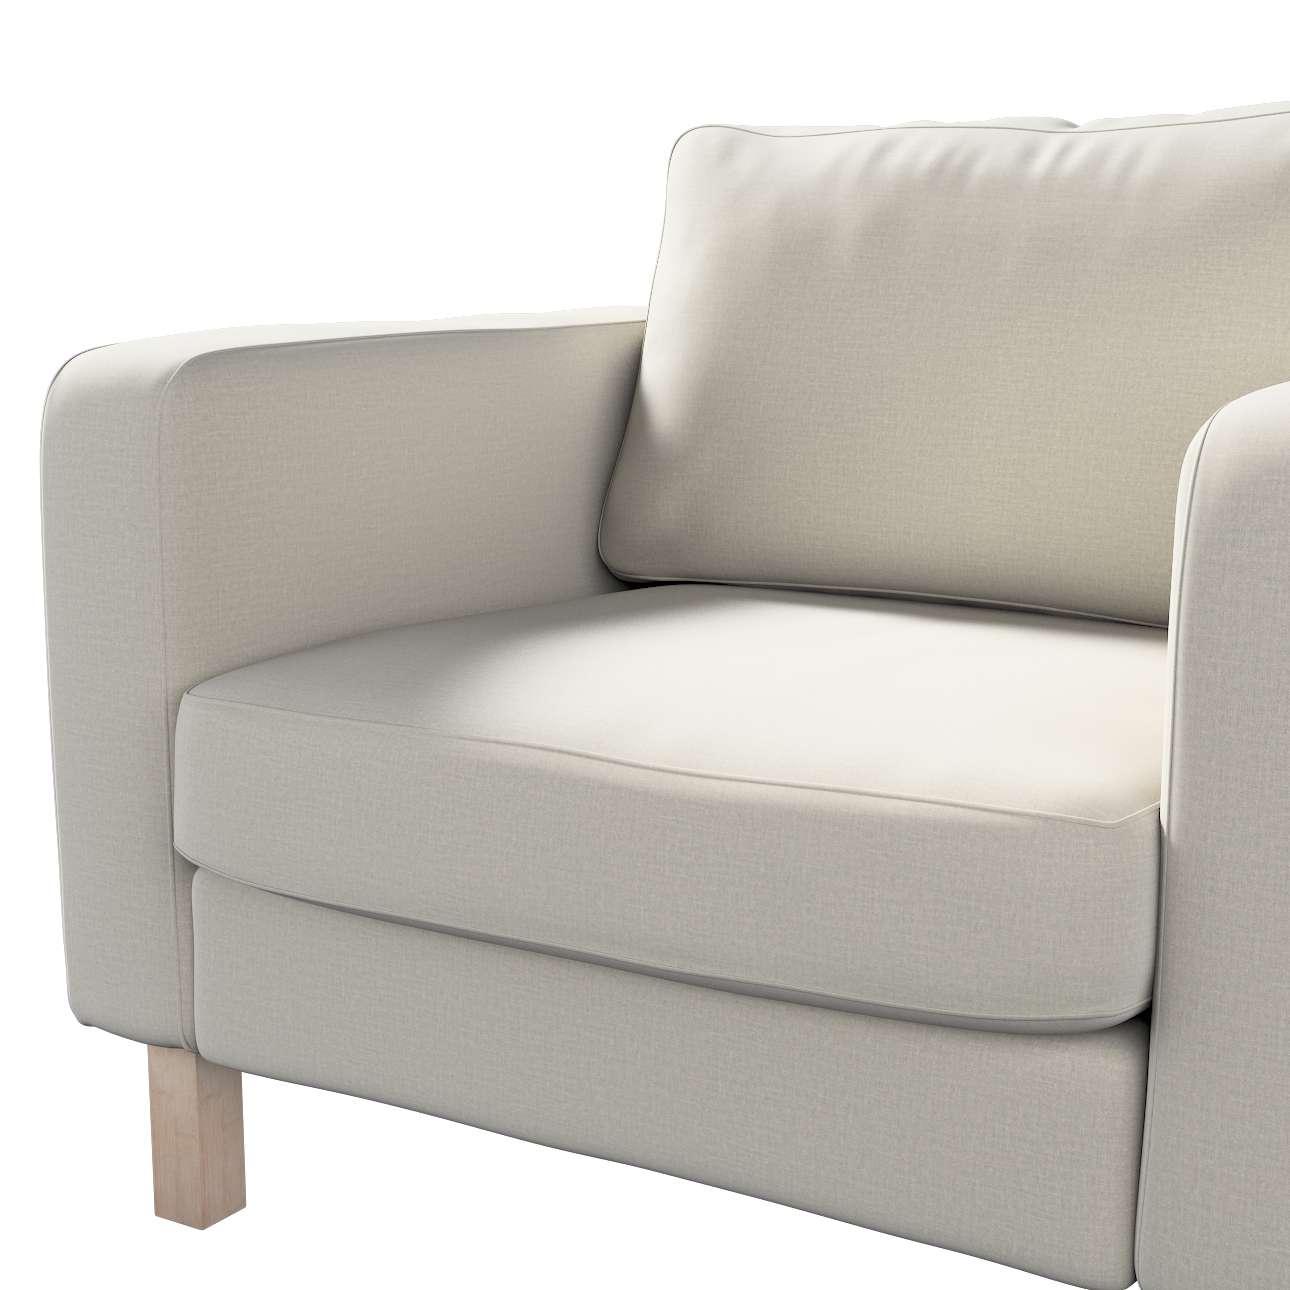 Karlstad päällinen nojatuoli mallistosta Ingrid, Kangas: 705-40